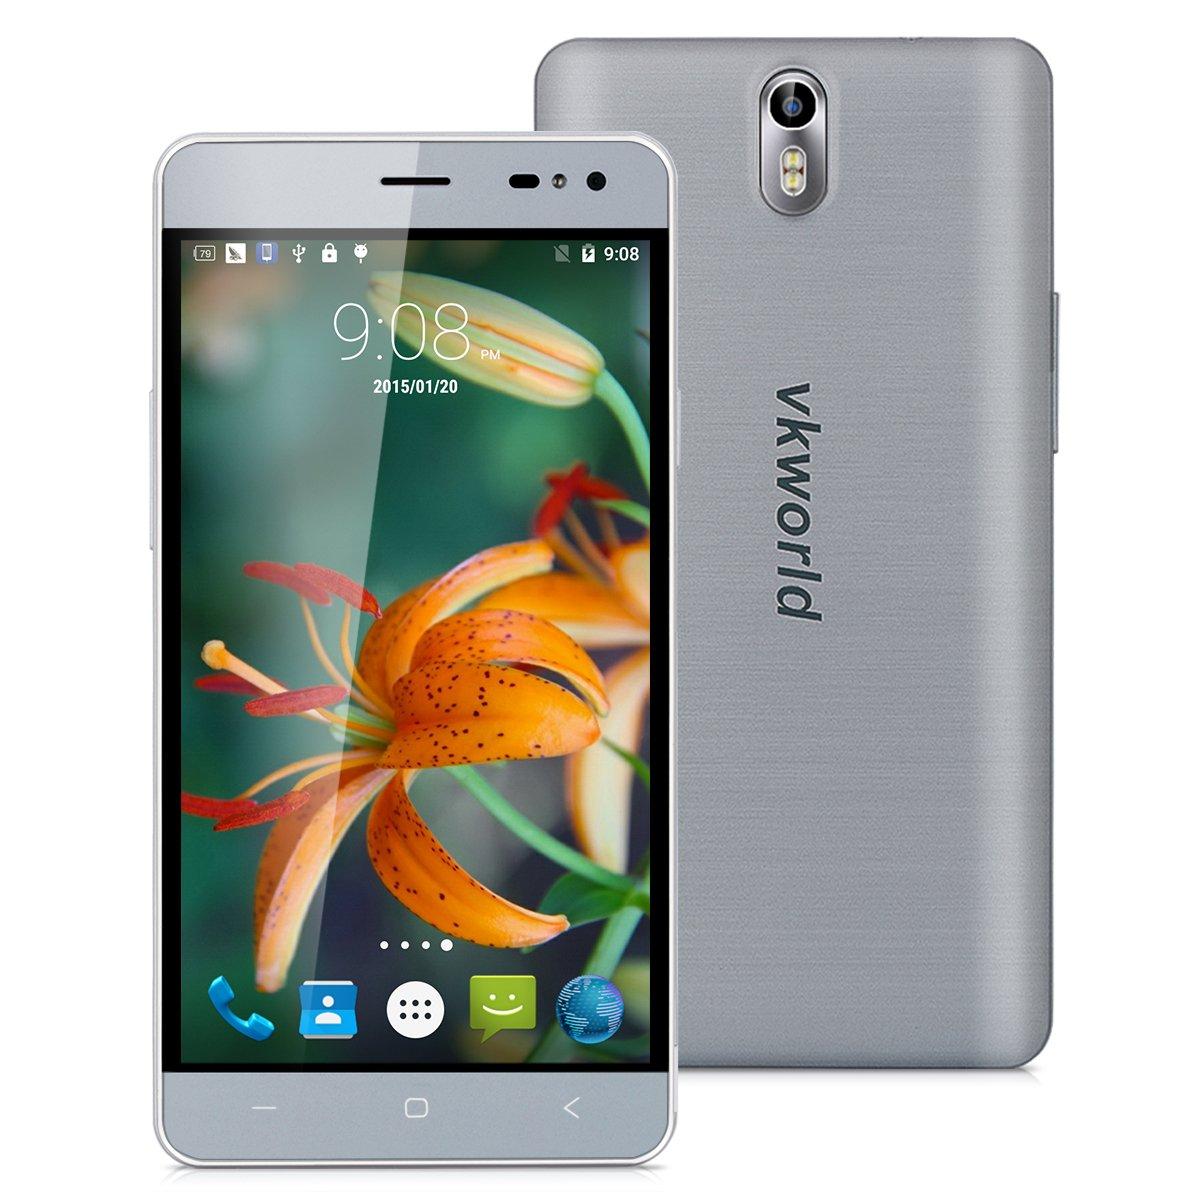 VKWorld G1-4G LTE Smartphone Libre Multitáctil Android 5.1 ...